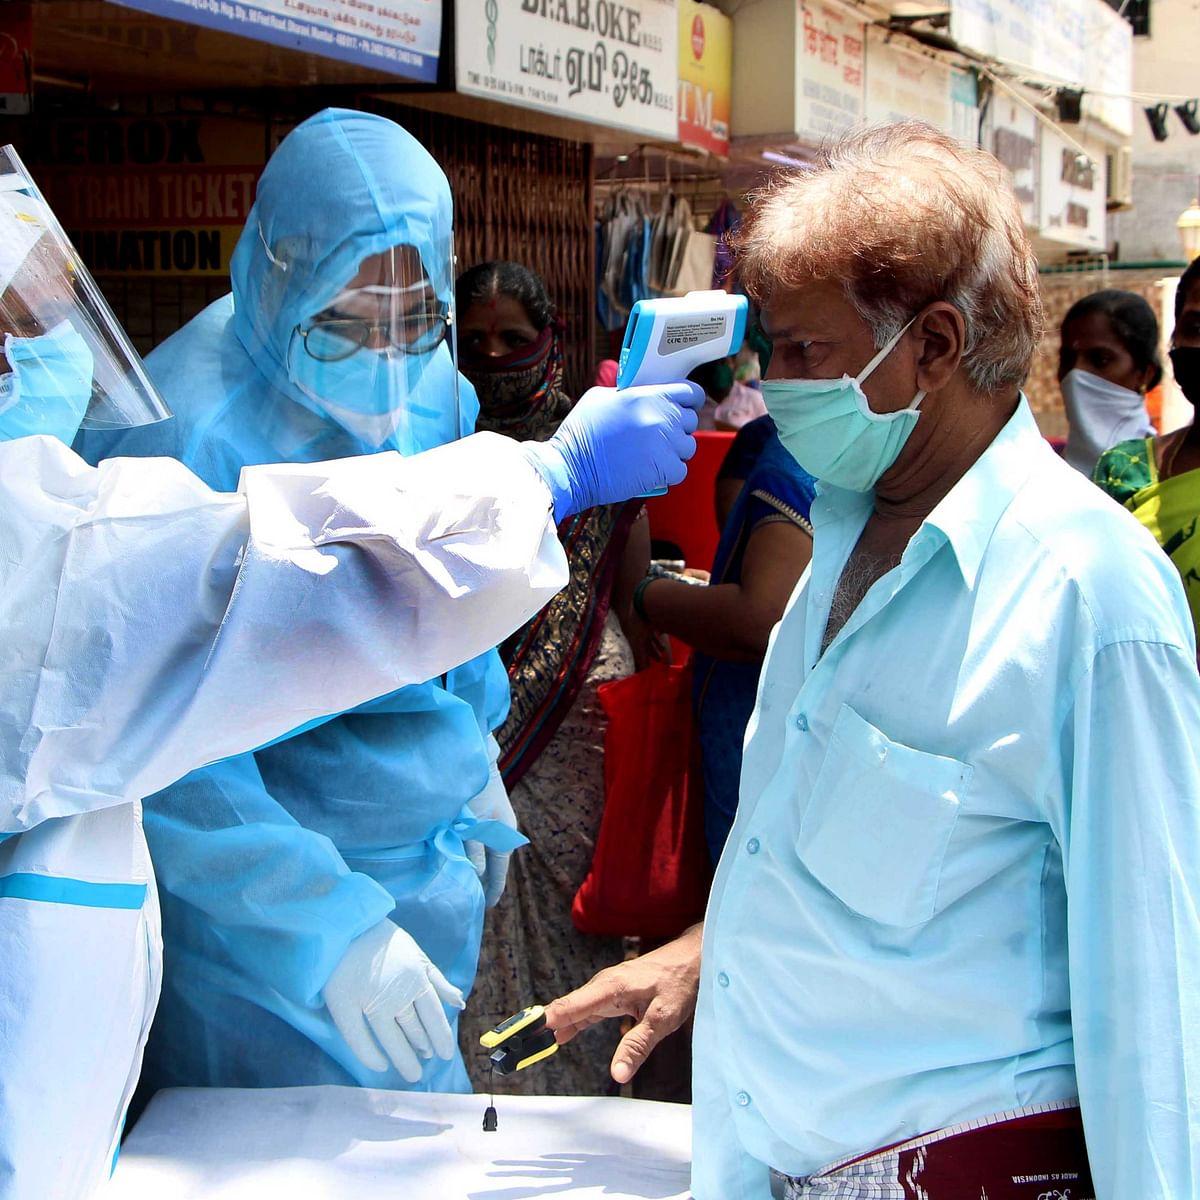 Small mercies: Mumbai's COVID-19 tally again dips below 1,000